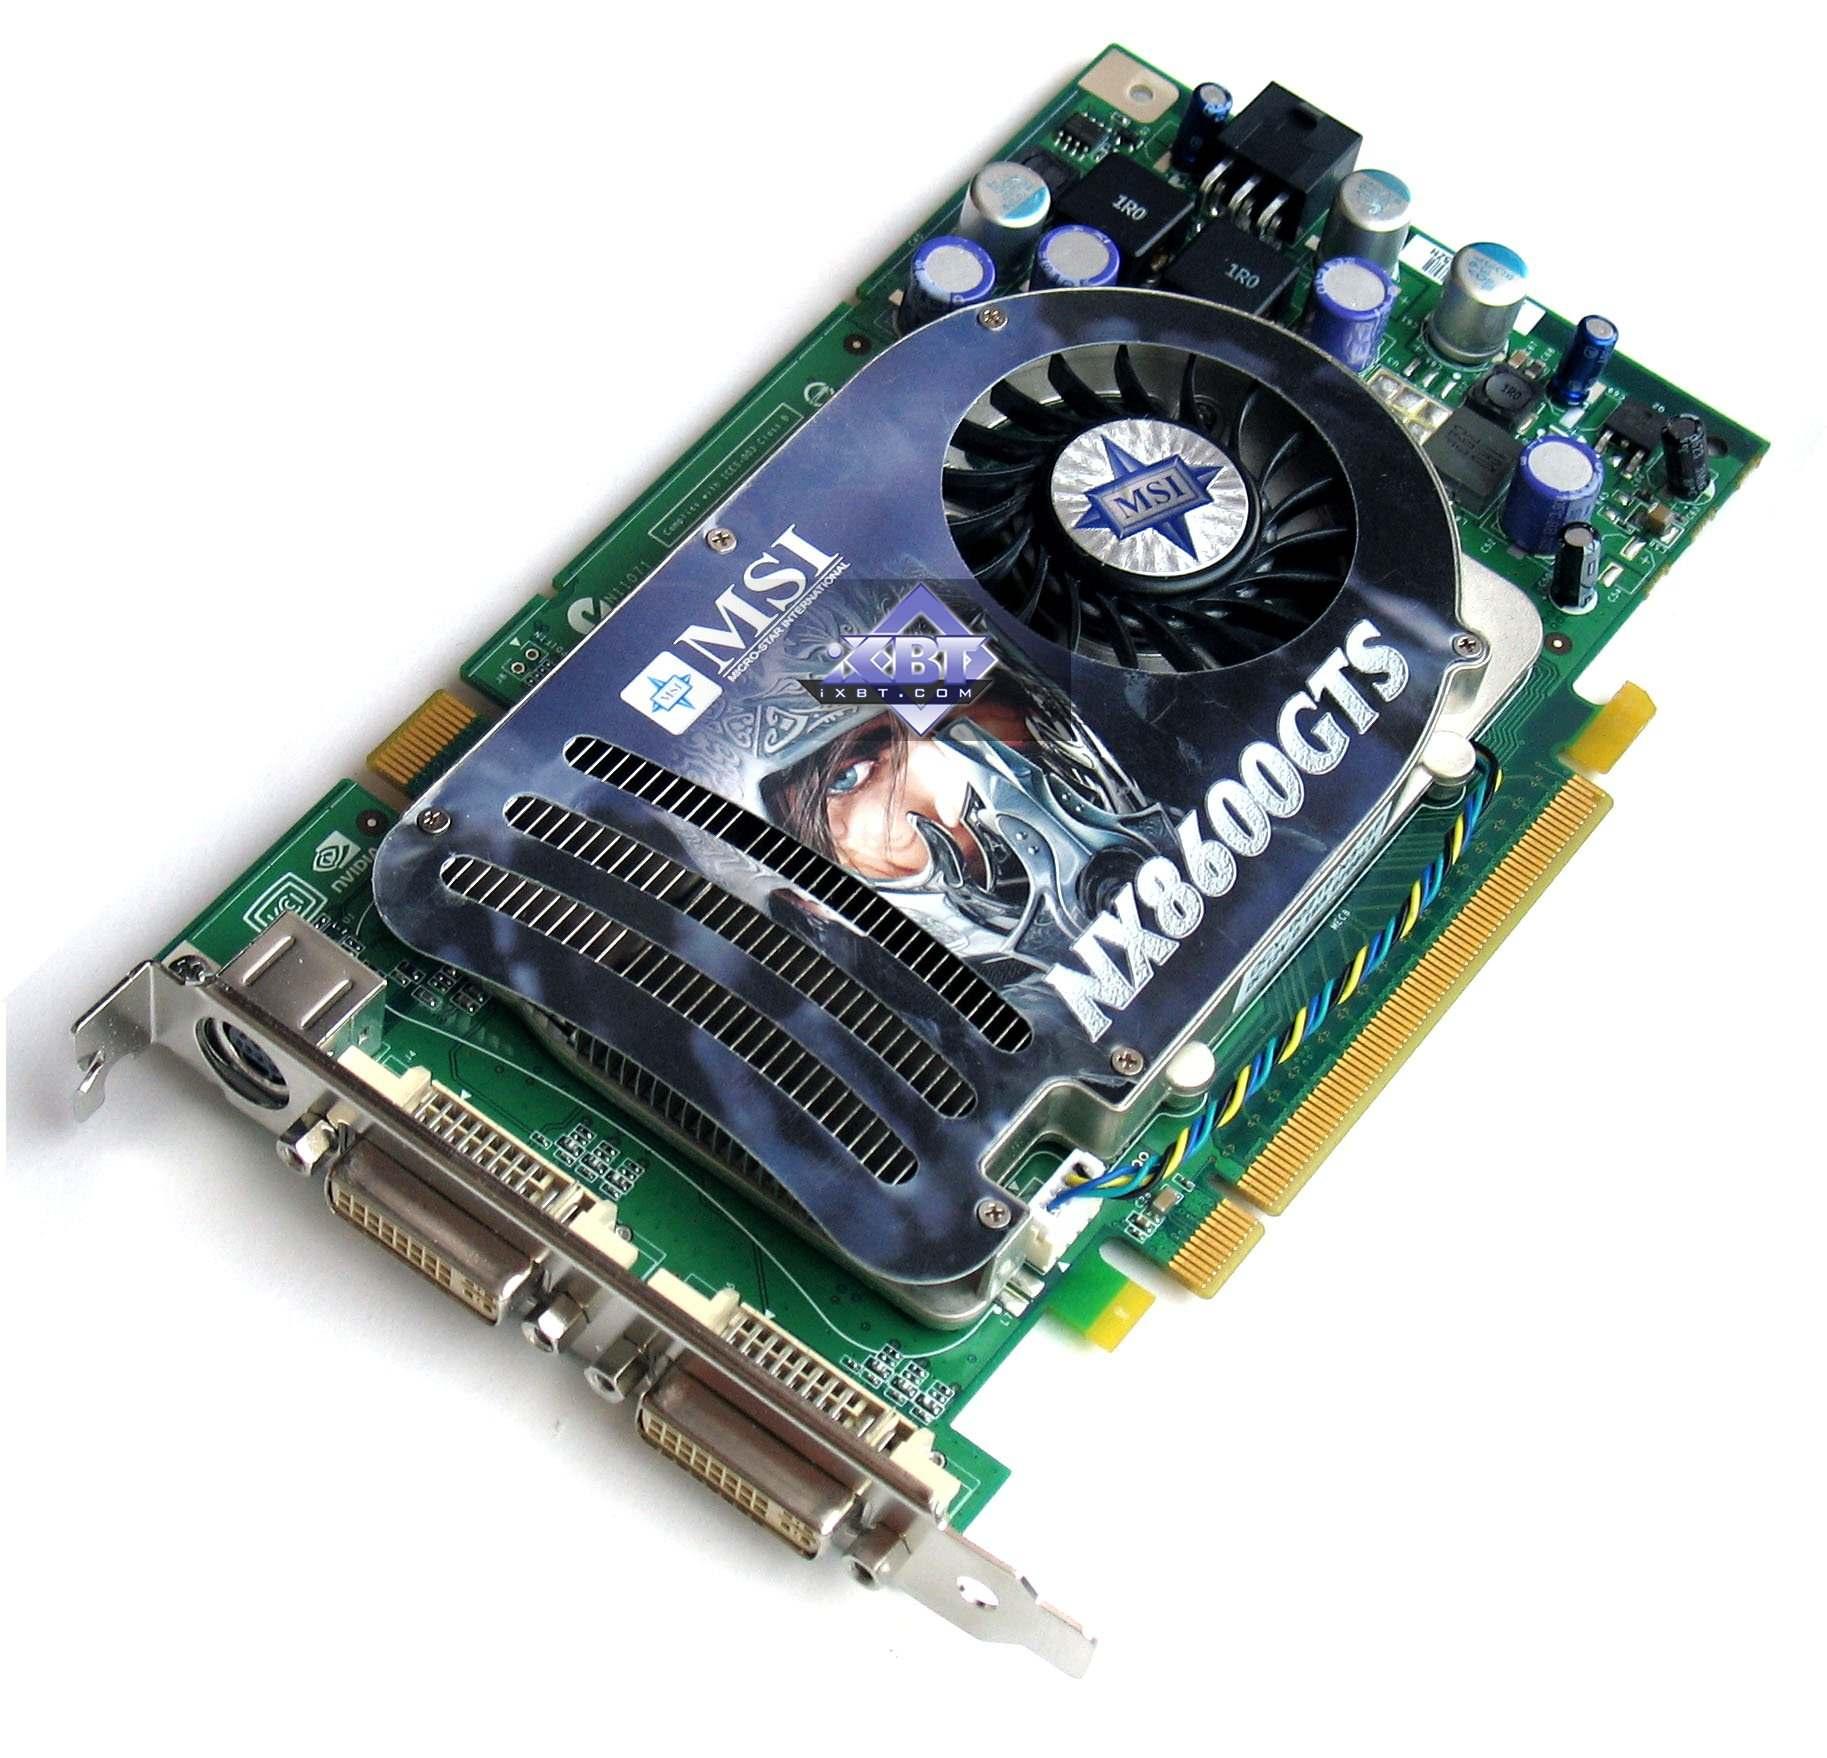 Nvidia geforce 8600 gt скачать драйвера.